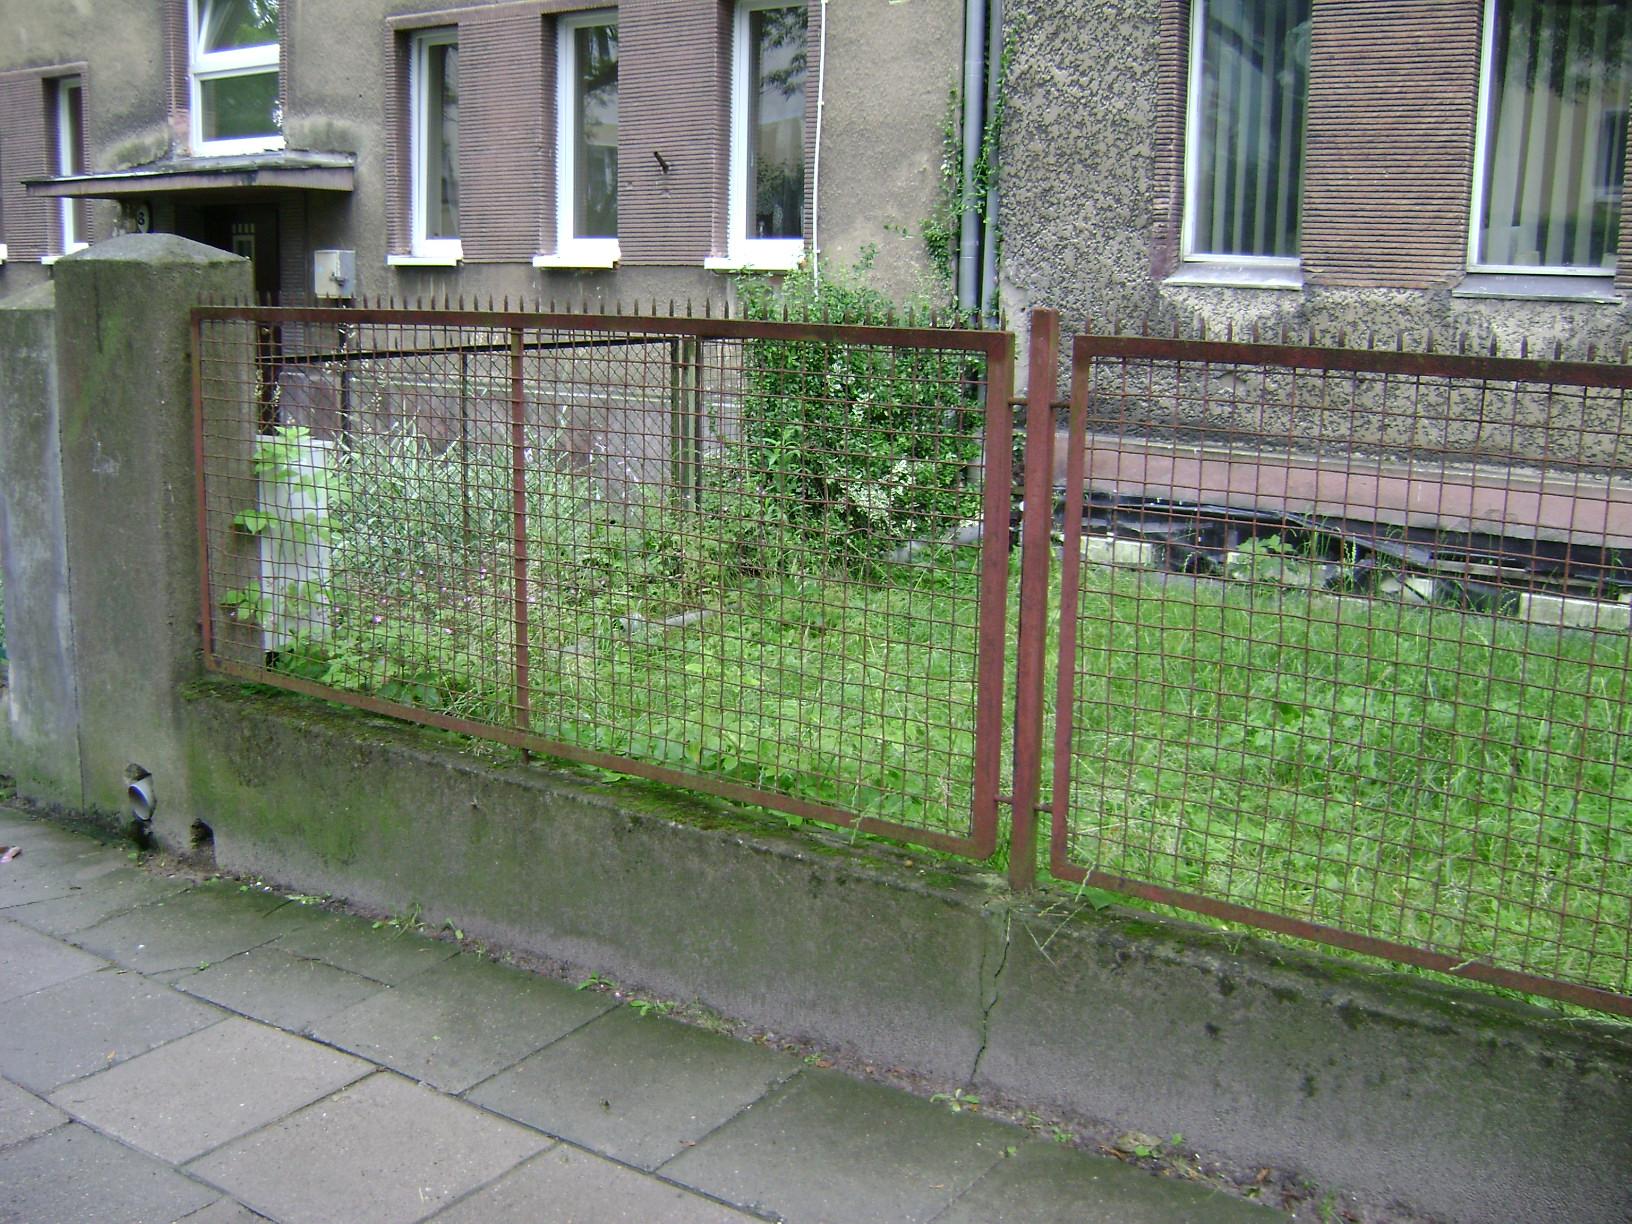 Ogrodzenie z metalowej siatki w ramach mocowanych do murowanych słupków, charakterystyczne dla lat 30. XX w.